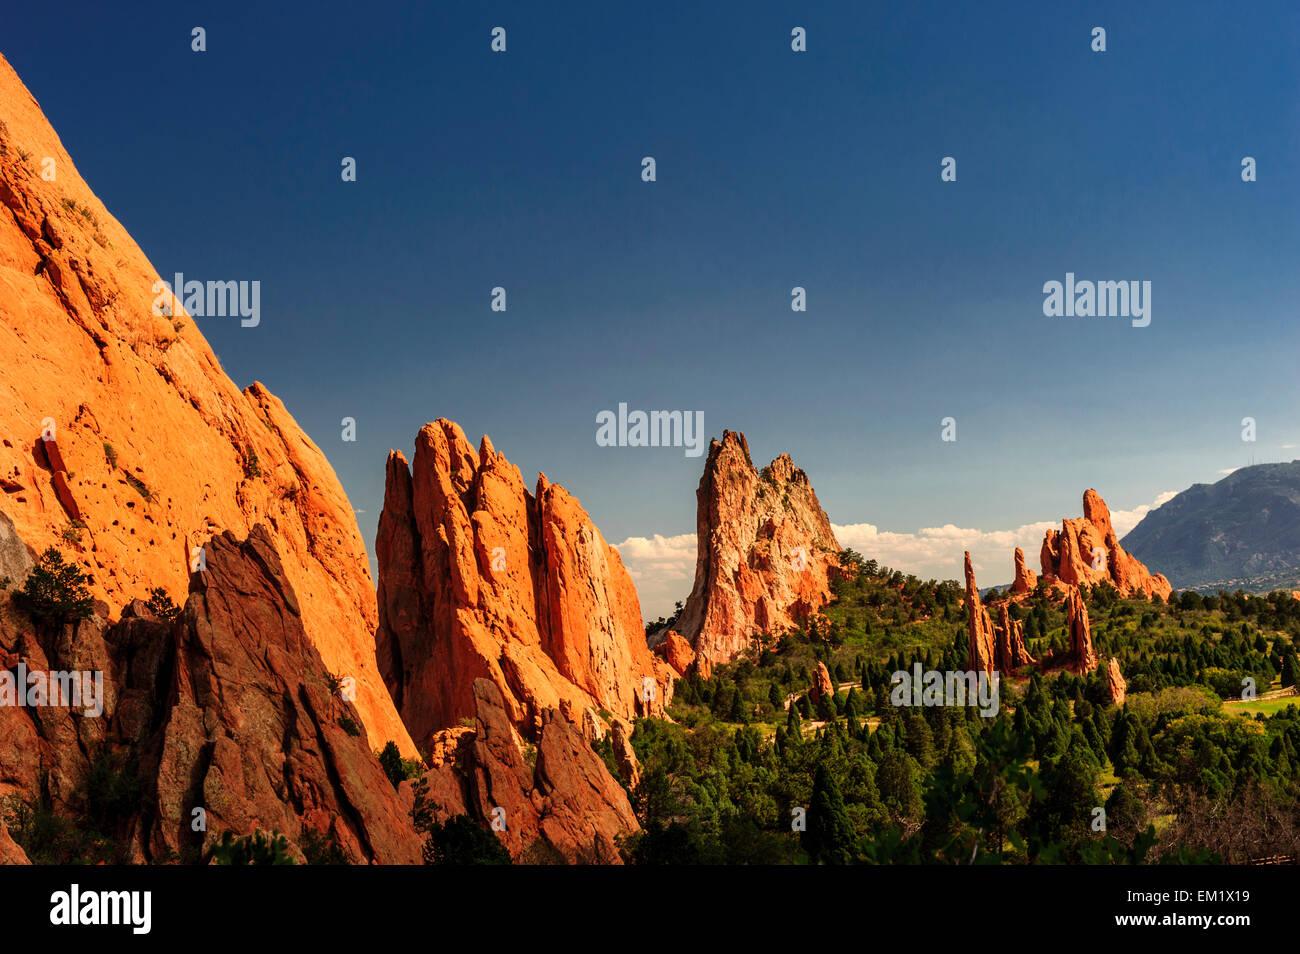 Garden of the Gods, Colorado. - Stock Image